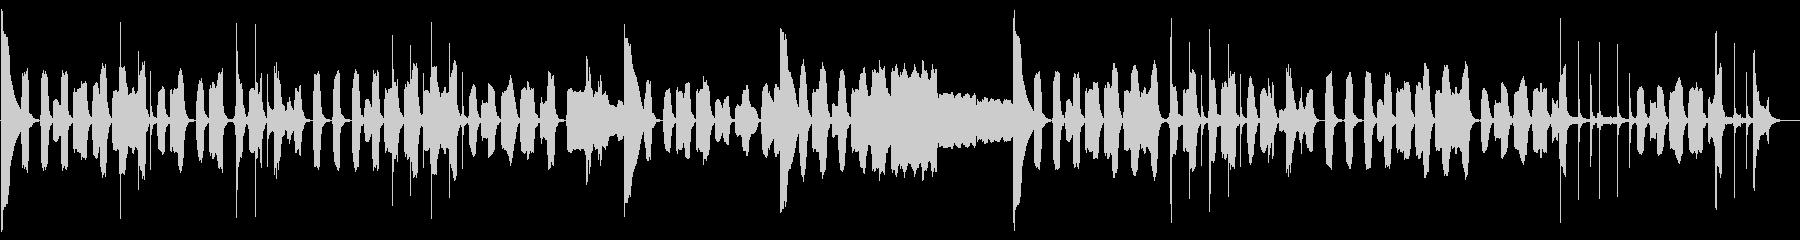 優しいそよ風の生演奏。リコーダー3本。の未再生の波形